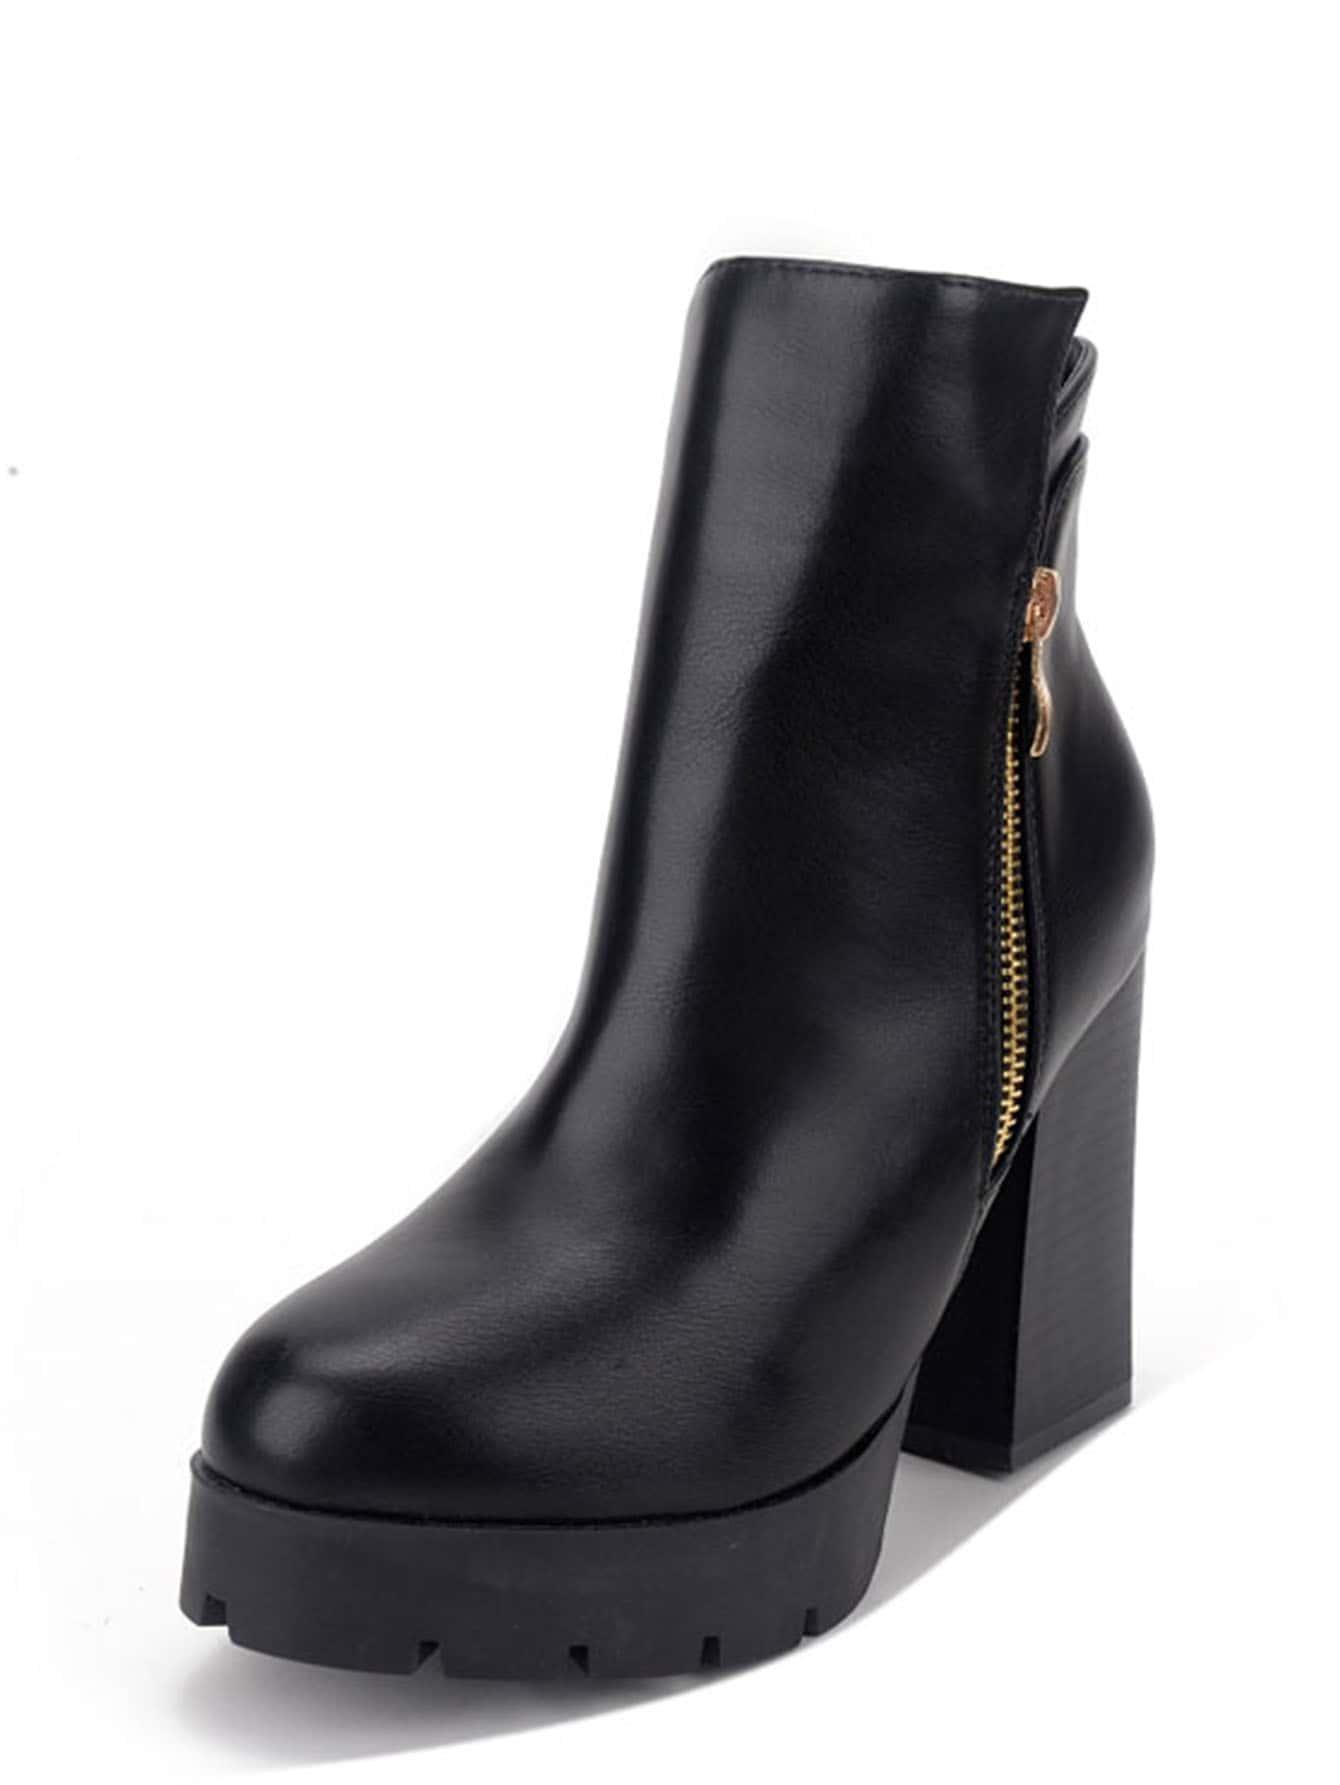 shoes160825807_2